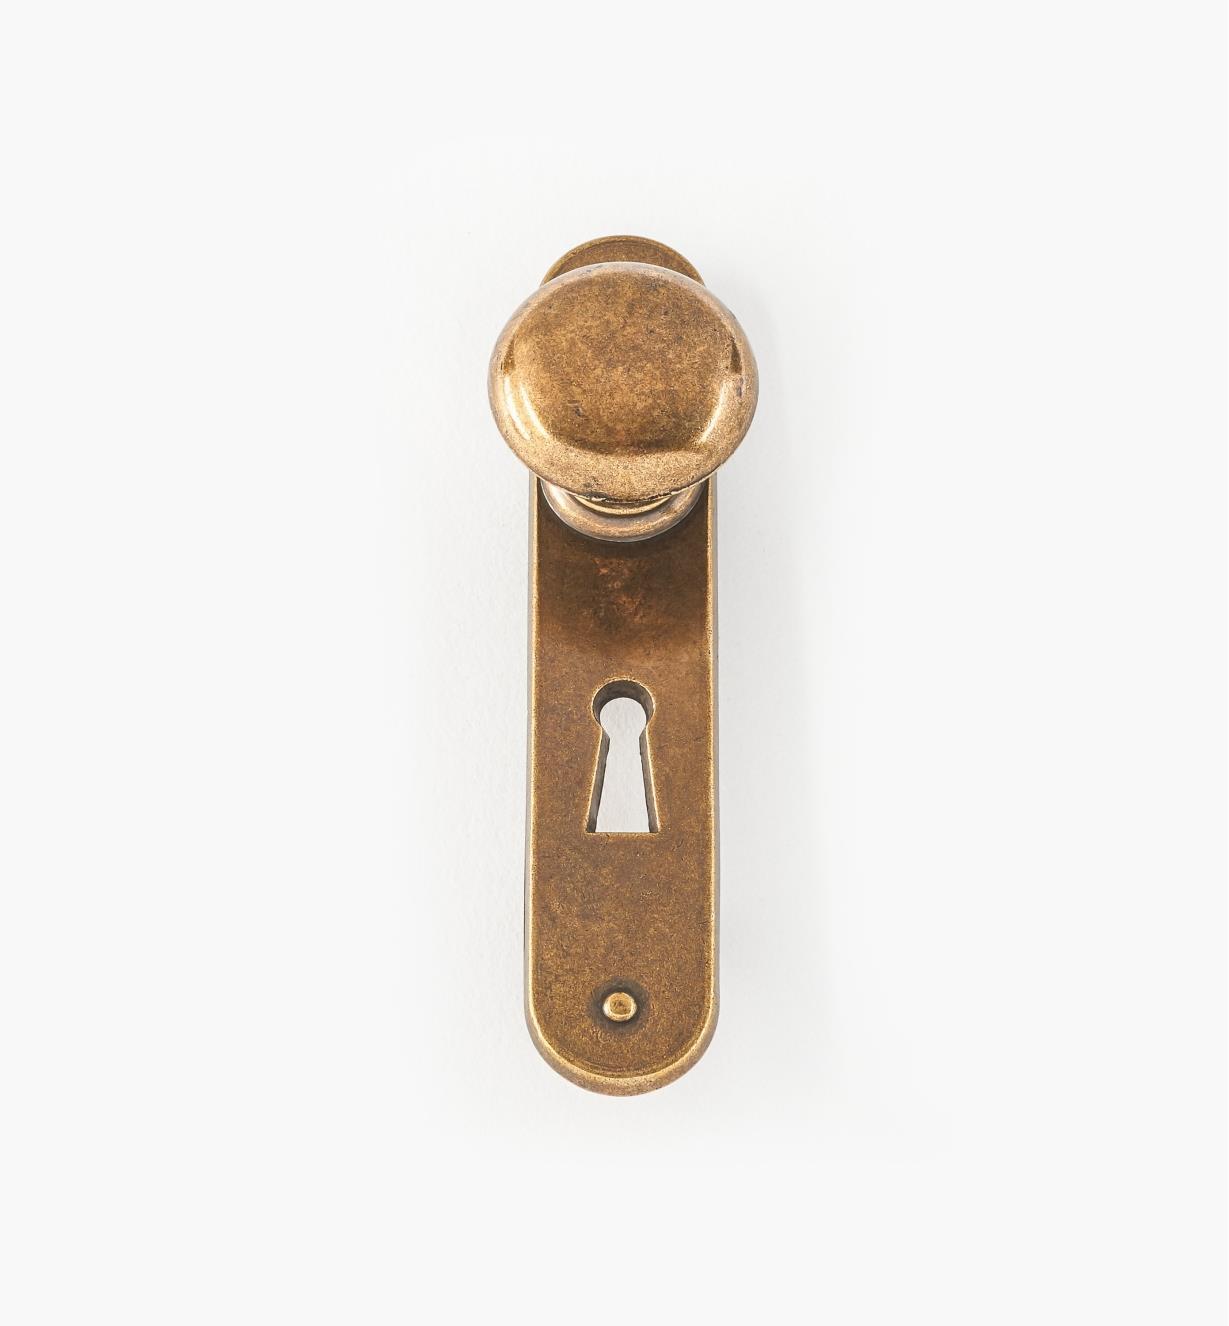 01W3332 - Bouton de porte sur entrée de serrure, fini anglais antique, 3 1/2 po